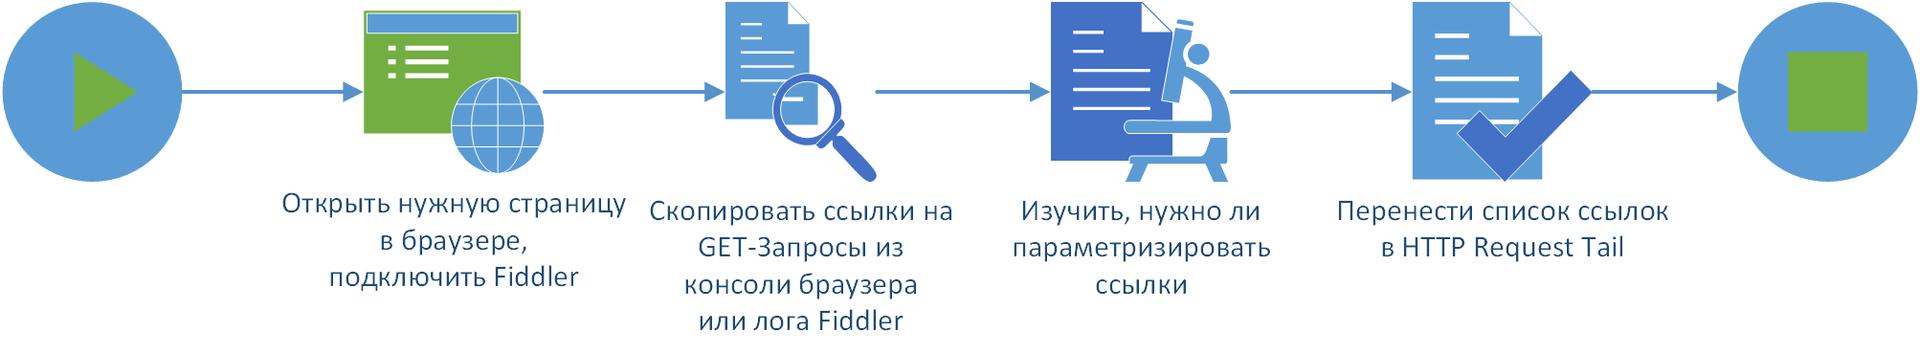 Процесс подготовки данных для плагина <b>TailSampler</b> и их использование